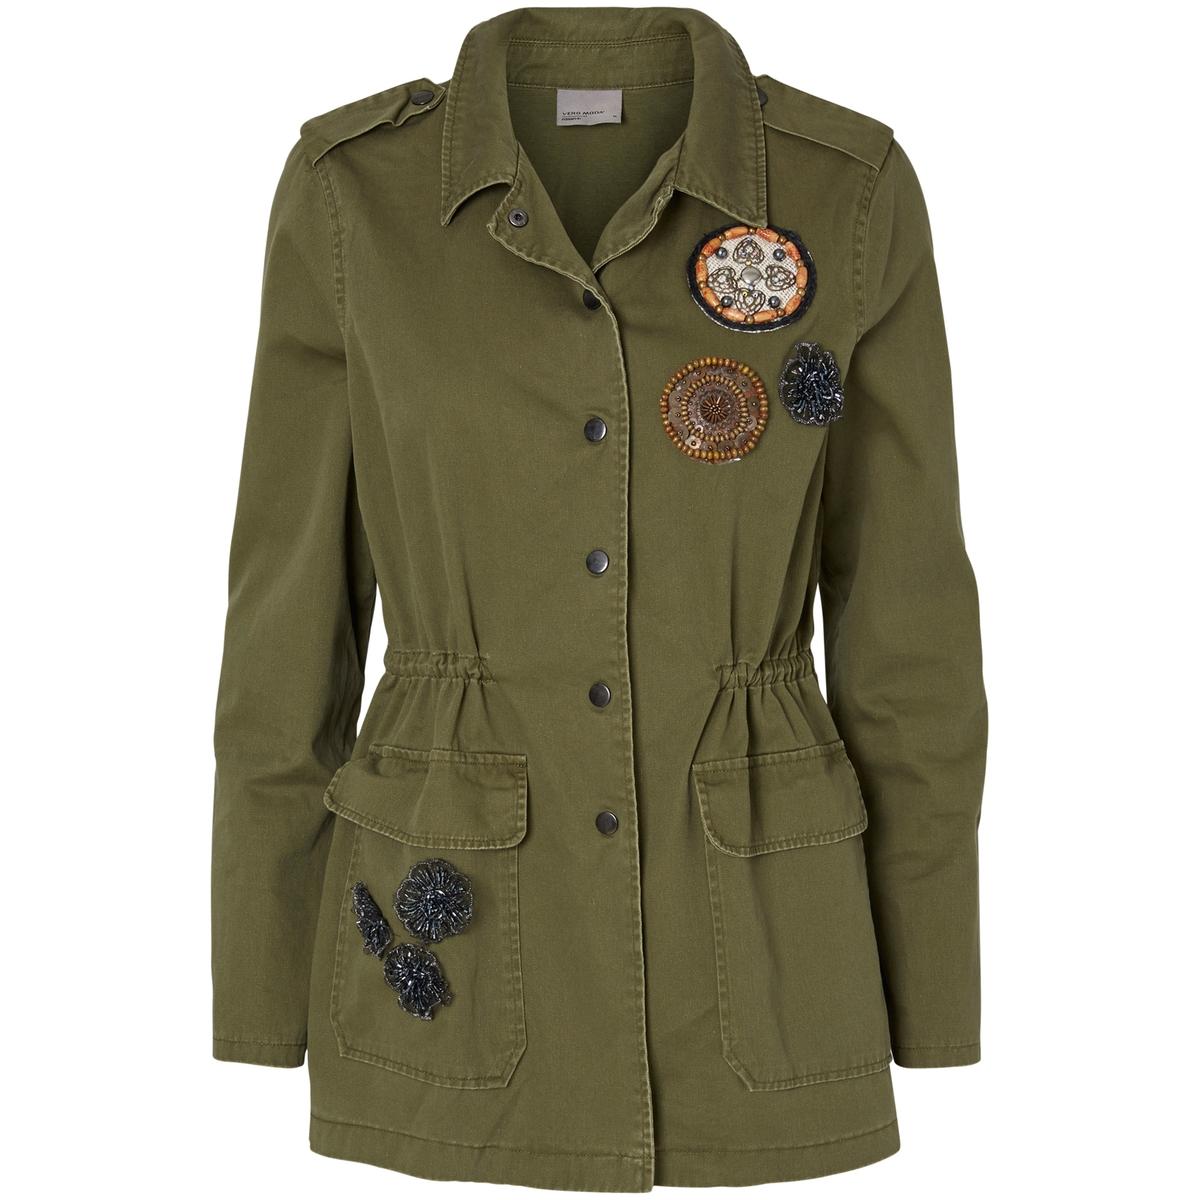 Куртка в стиле милитариМатериал : 100% хлопок Покрой : прямой Форма воротника : воротник-поло, рубашечный Тип куртки  : куртка в стиле милитариДлина куртки  : стандартная Рисунок : однотонная модель<br><br>Цвет: хаки<br>Размер: M